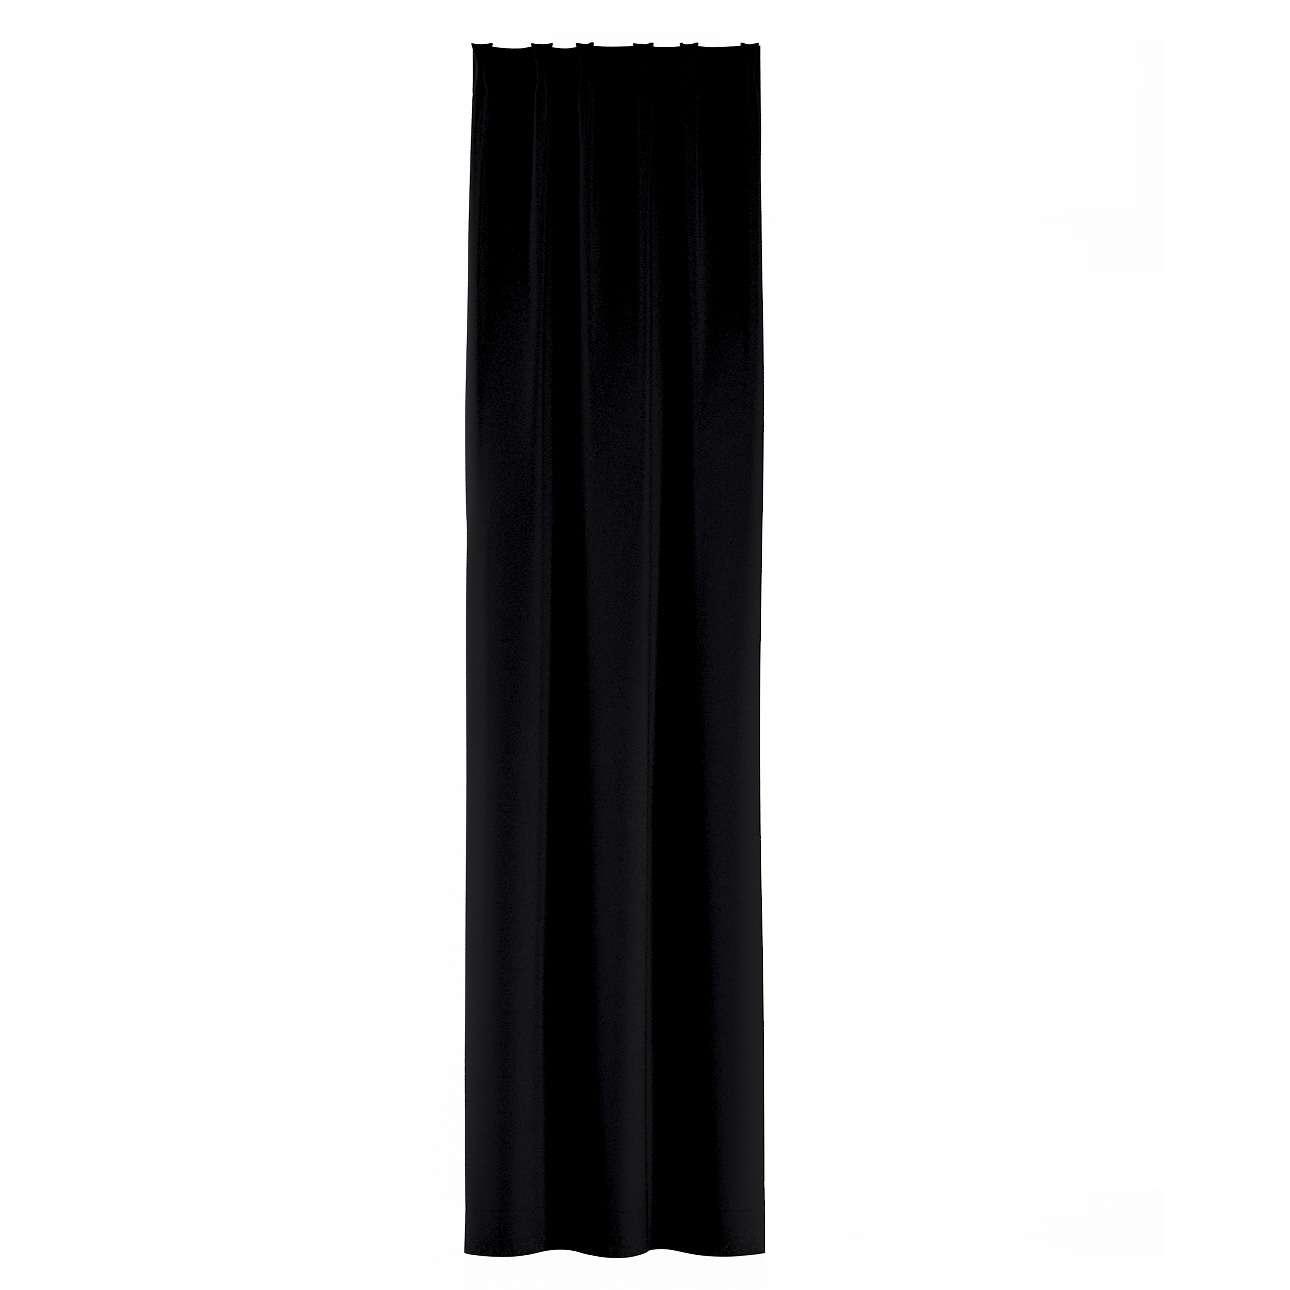 Gardin med fast veck i kollektionen Blackout (mörkläggande), Tyg: 269-99